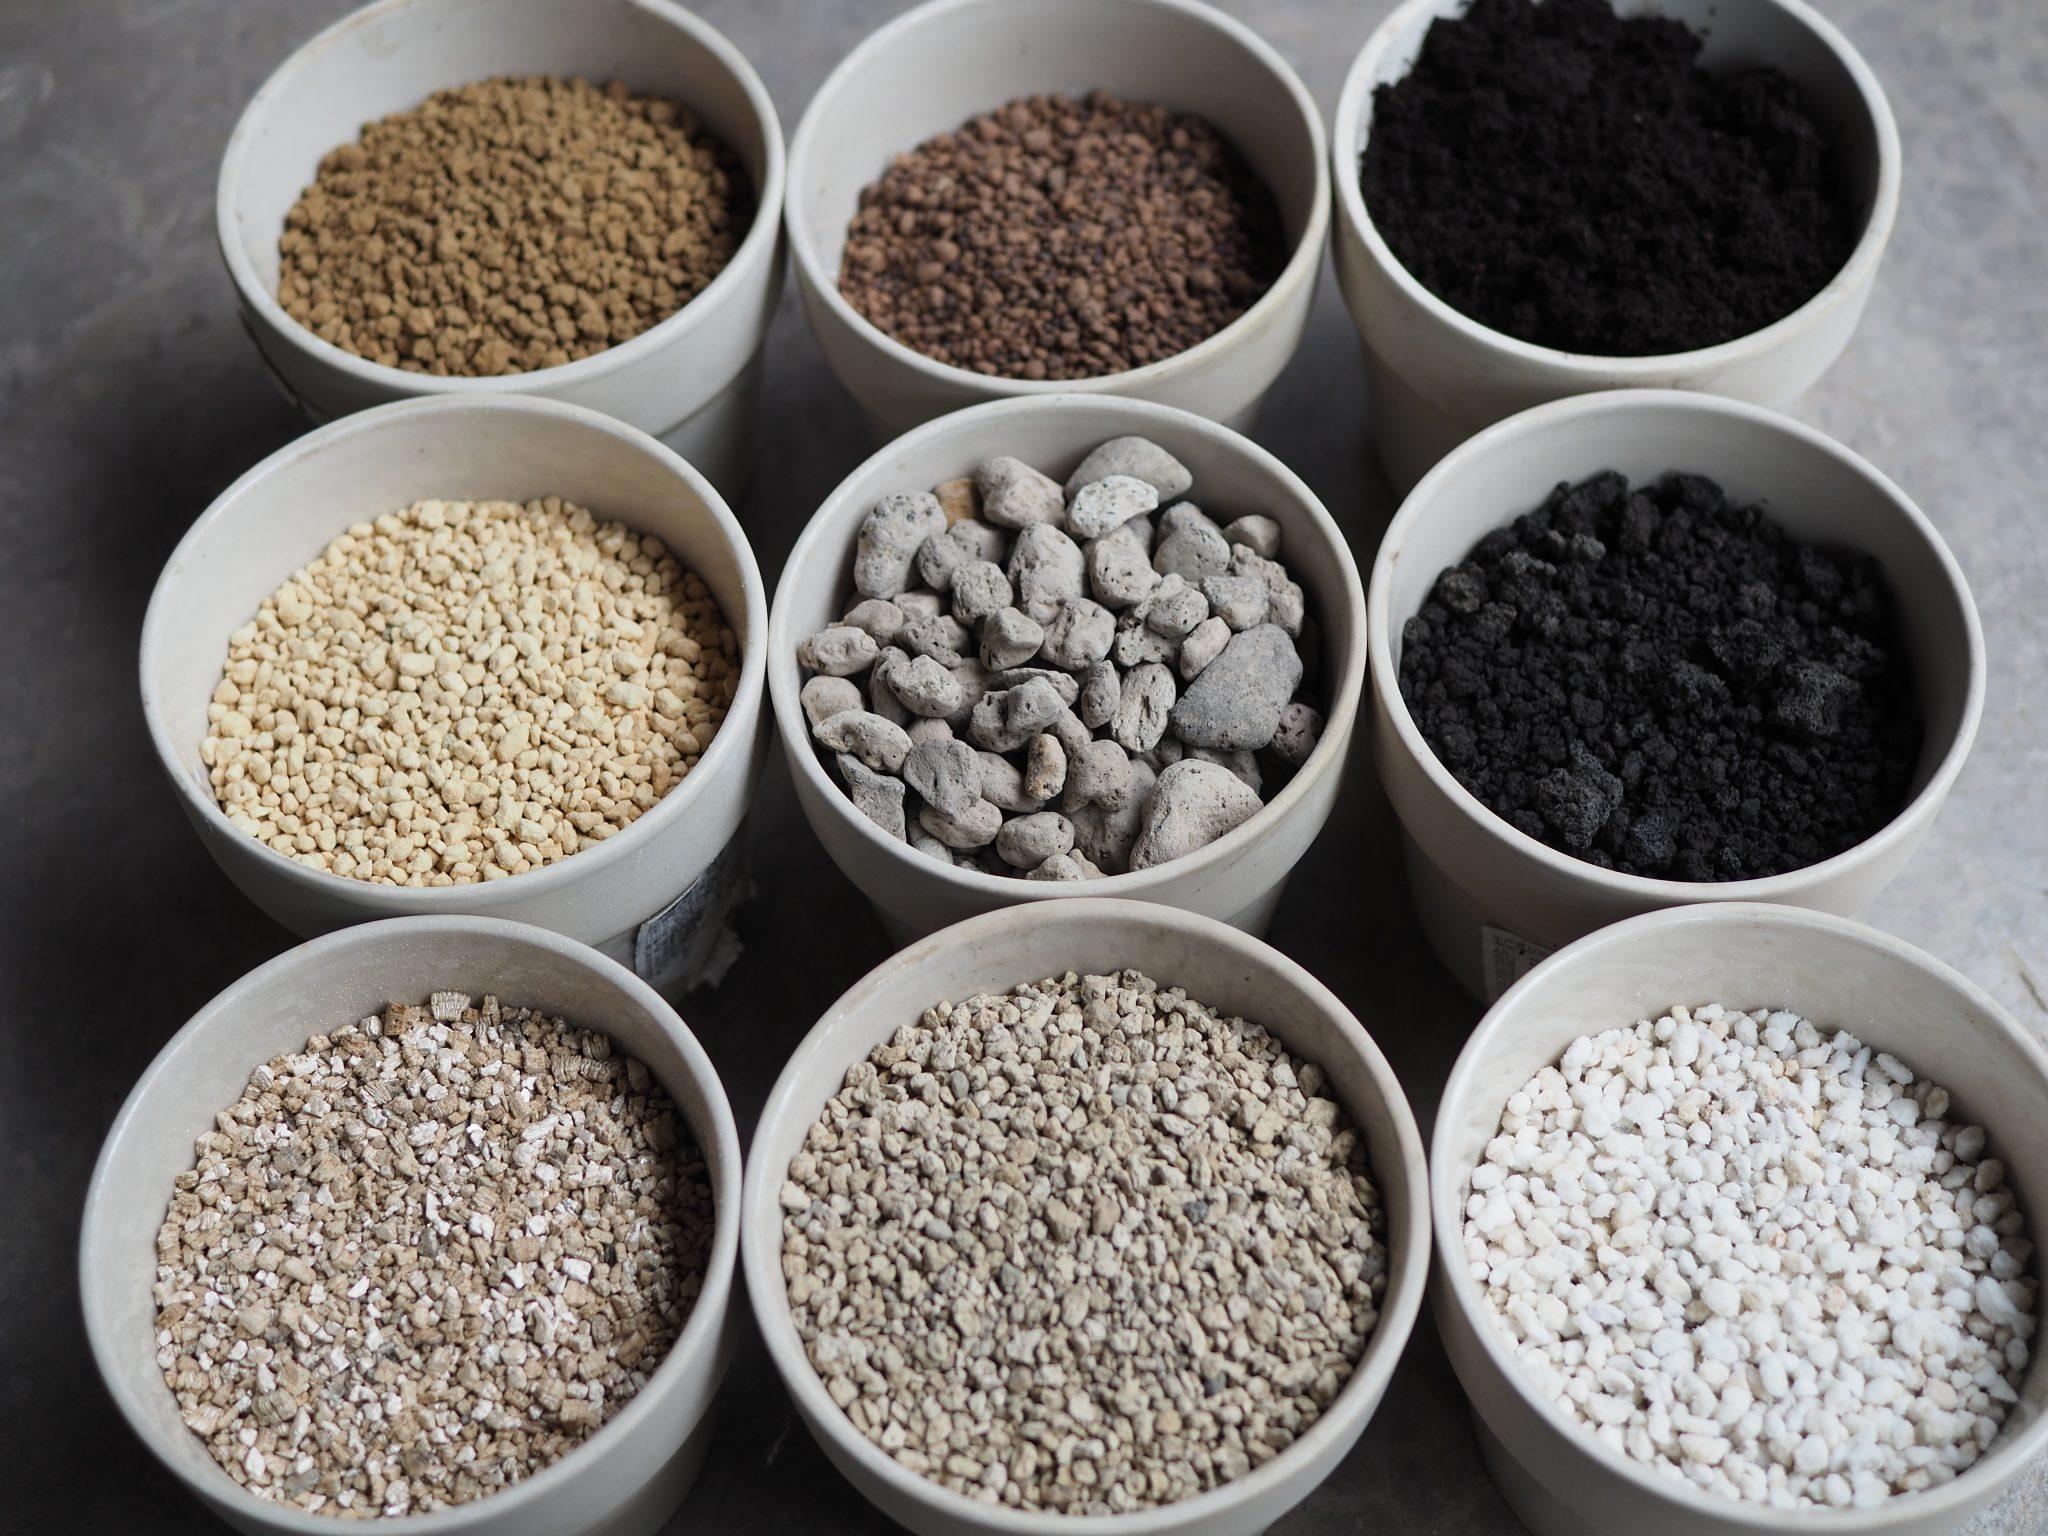 Вермикулит для растений вспученный: для чего нужен, как применять